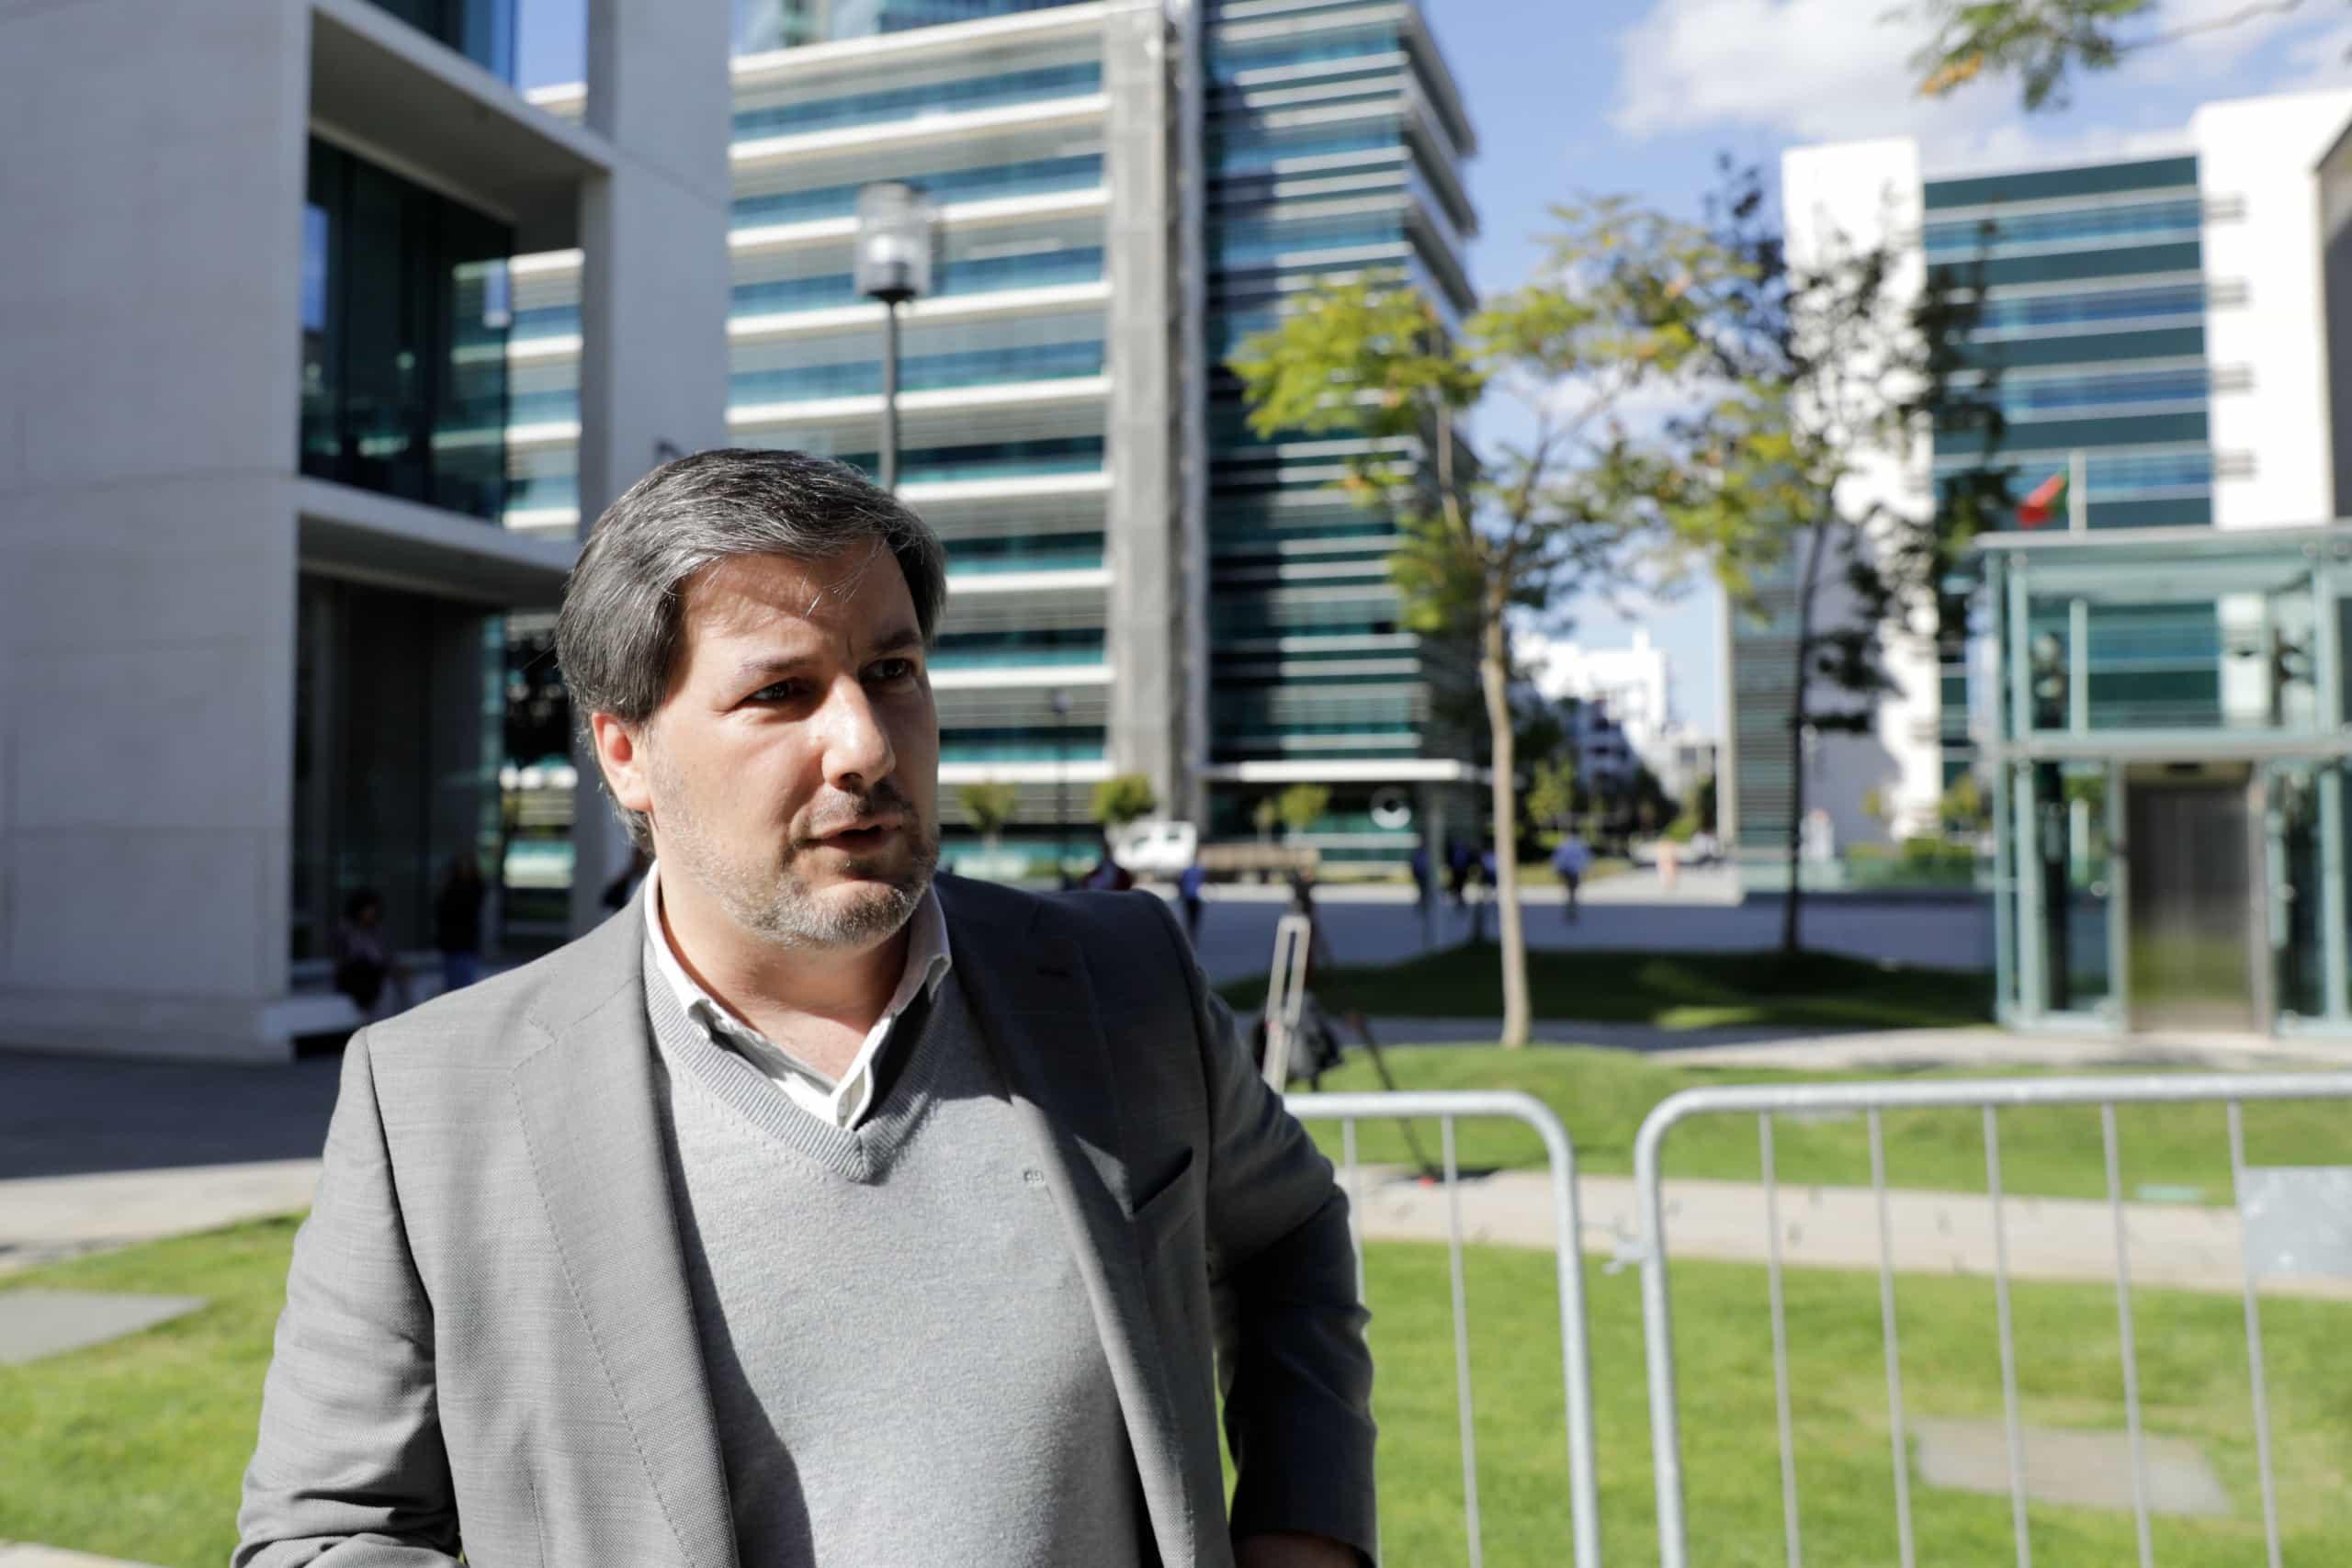 Bruno de Carvalho e Mustafá deverão ser presentes ao juiz na terça-feira